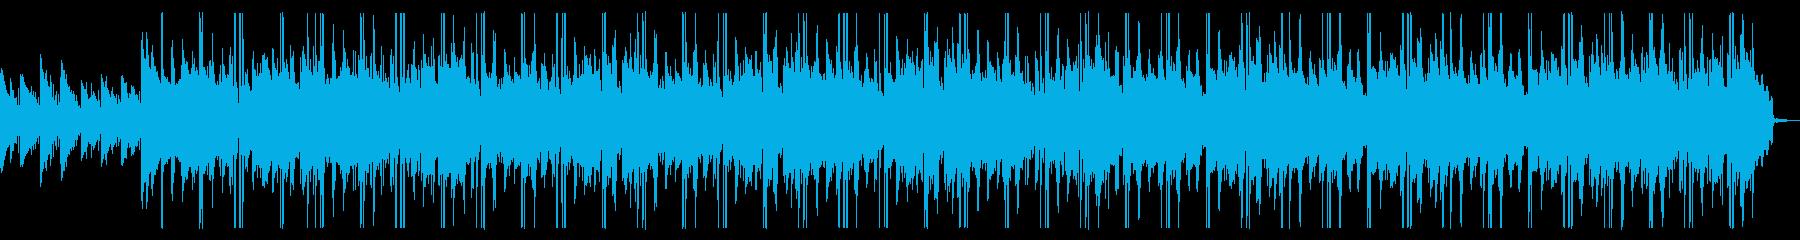 泣きたい夜に聴きたいビブラフォンBGMの再生済みの波形